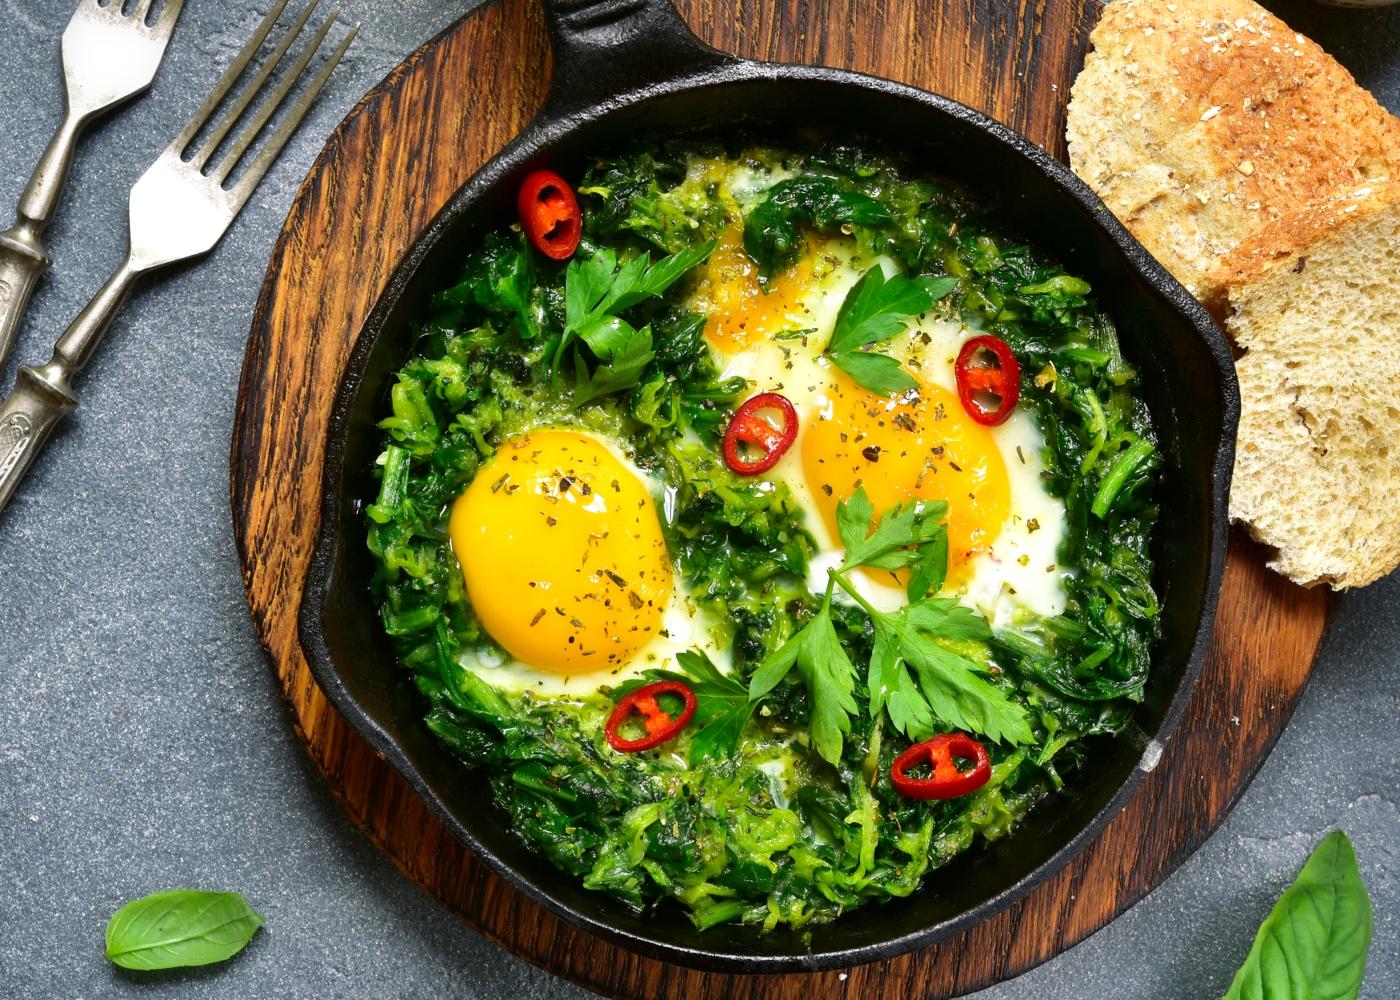 receitas saudáveis para jantar: ovos escalfados em cama de espinafres